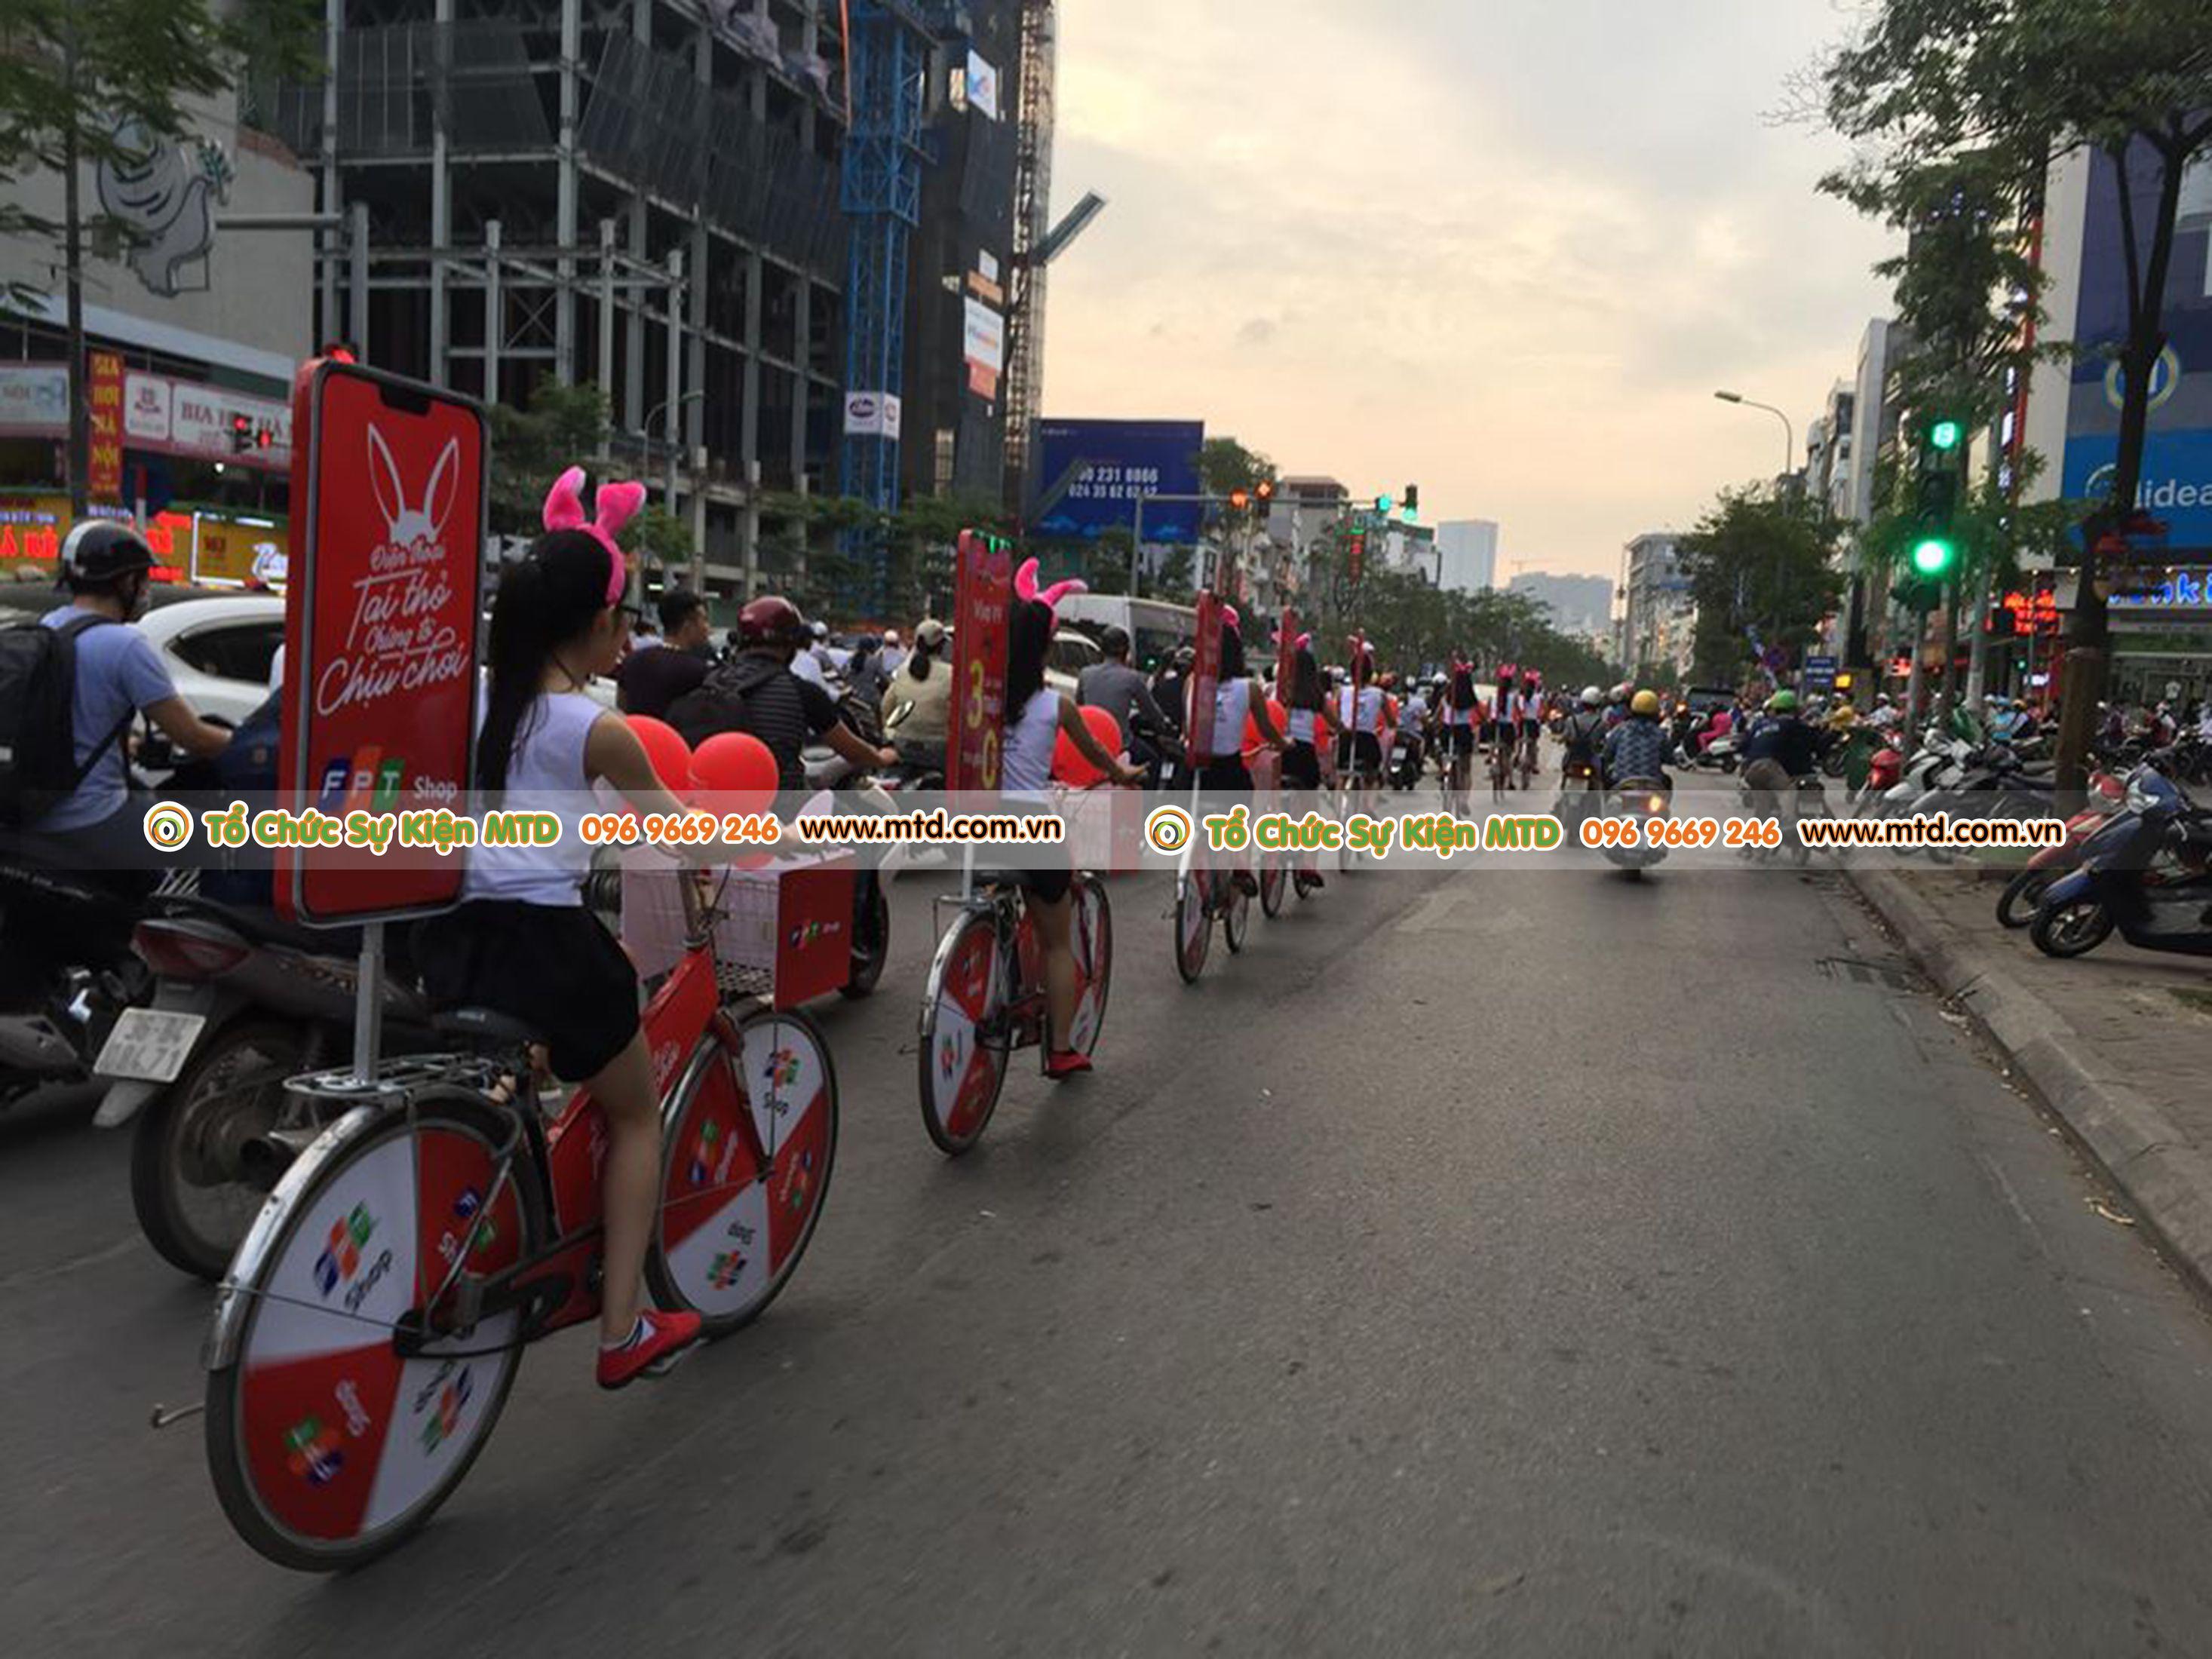 roadshow-gioi-thieu-dien-thoai-tai-tho-fptshop-17